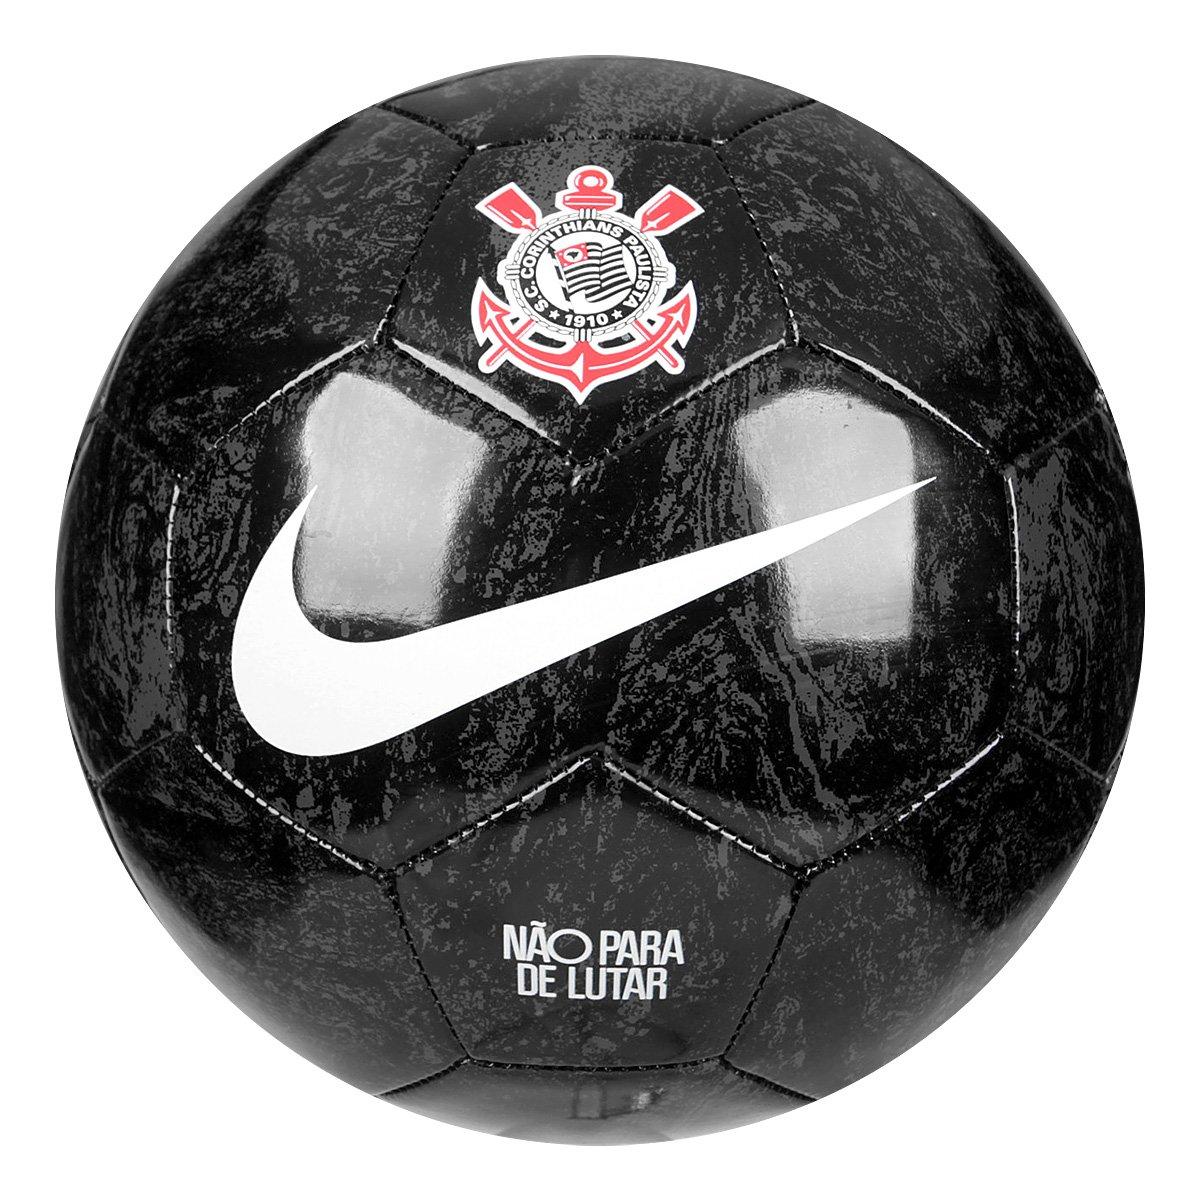 Bola de Futebol Campo Nike Corinthians - Preto e Branco - Compre ... 9a8086dddcf6c